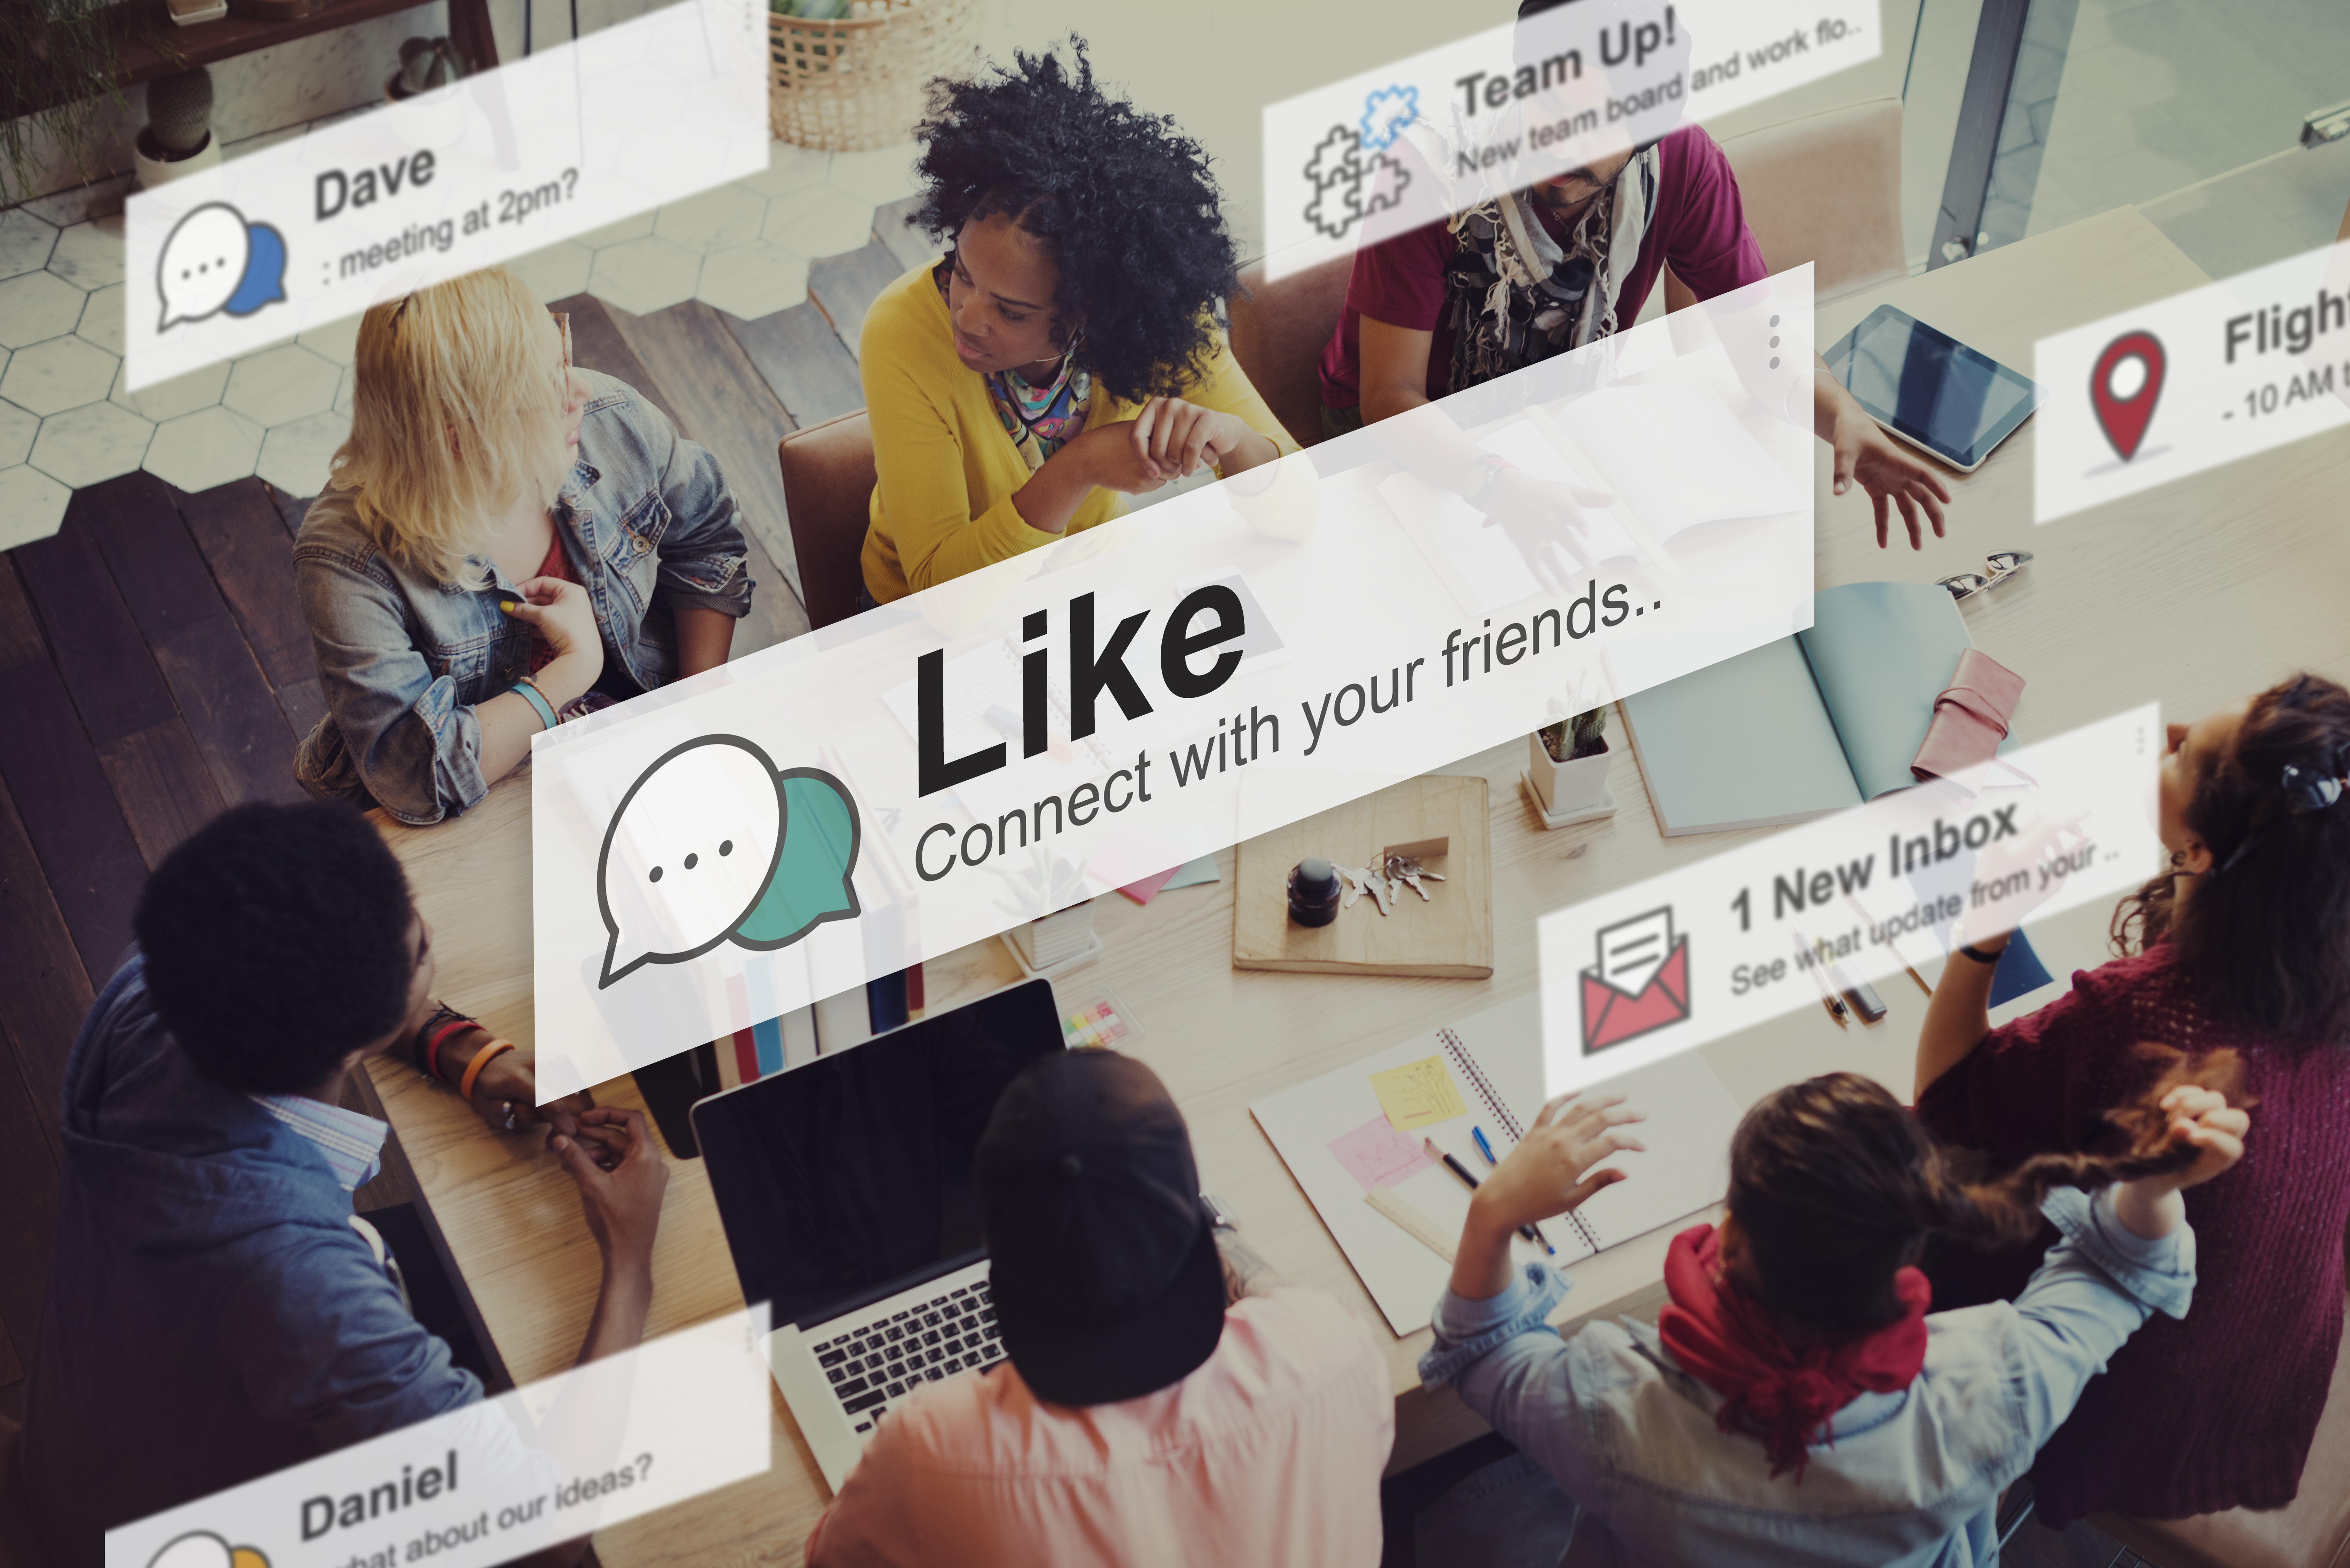 Spread_the_word_on_social_media